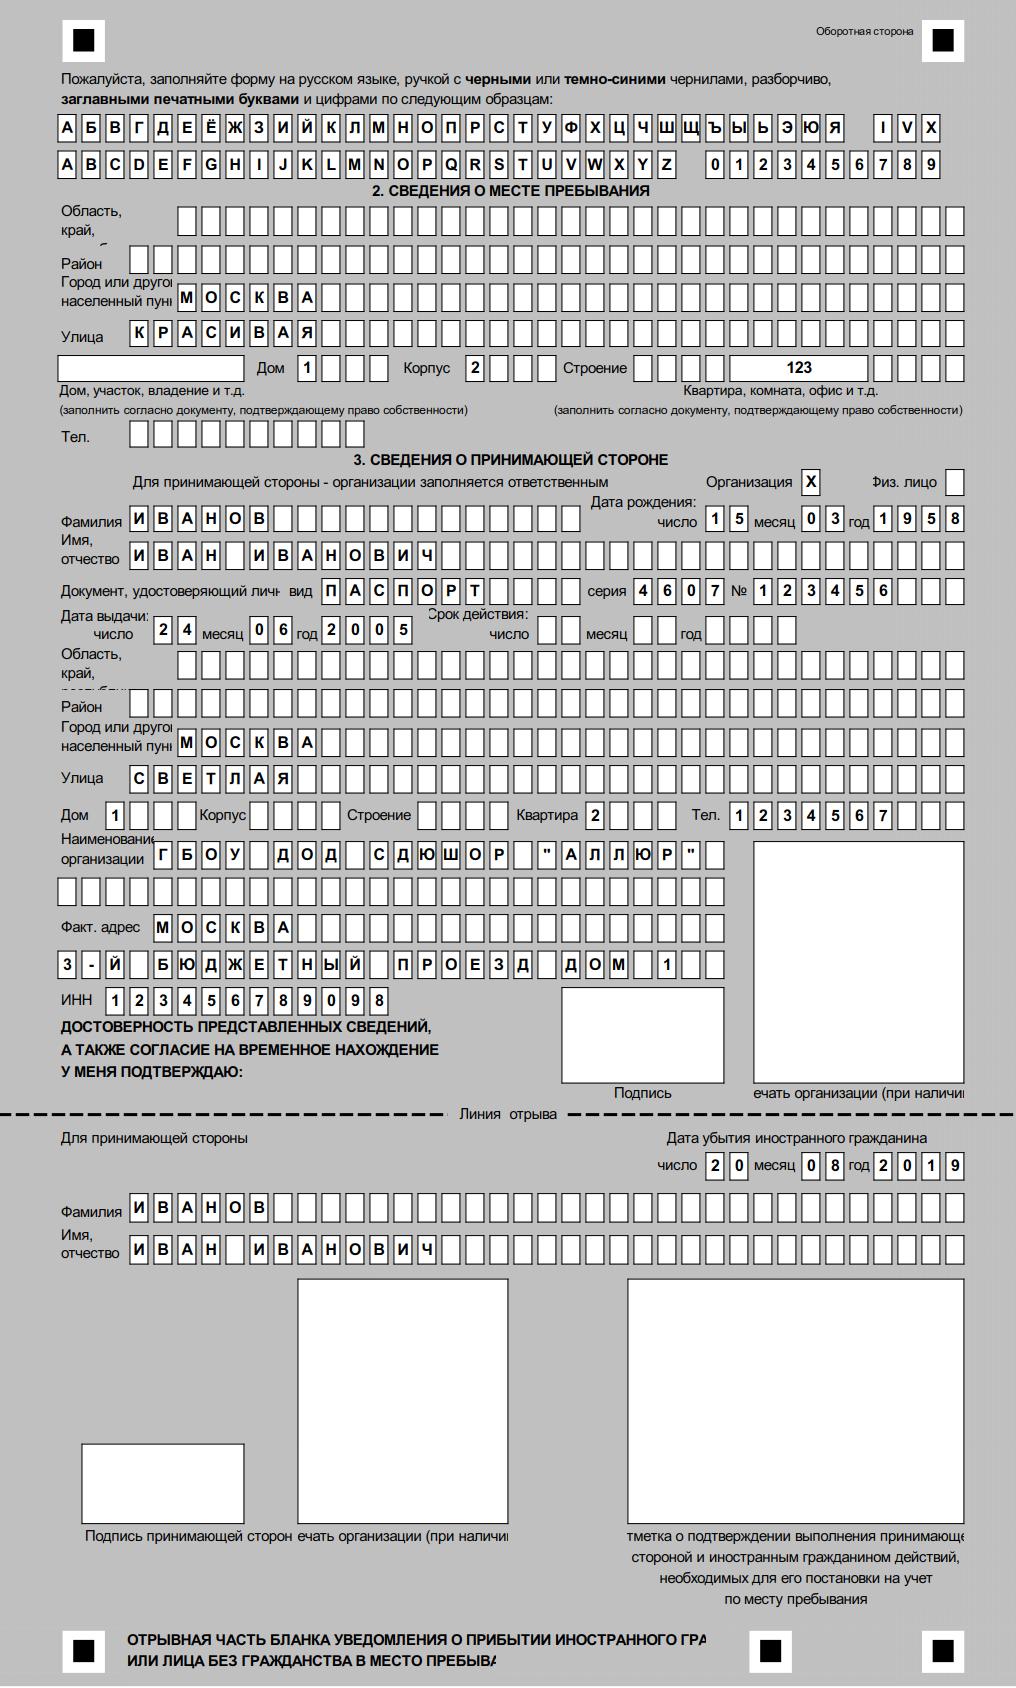 бланк регистрации иностранного гражданина 2